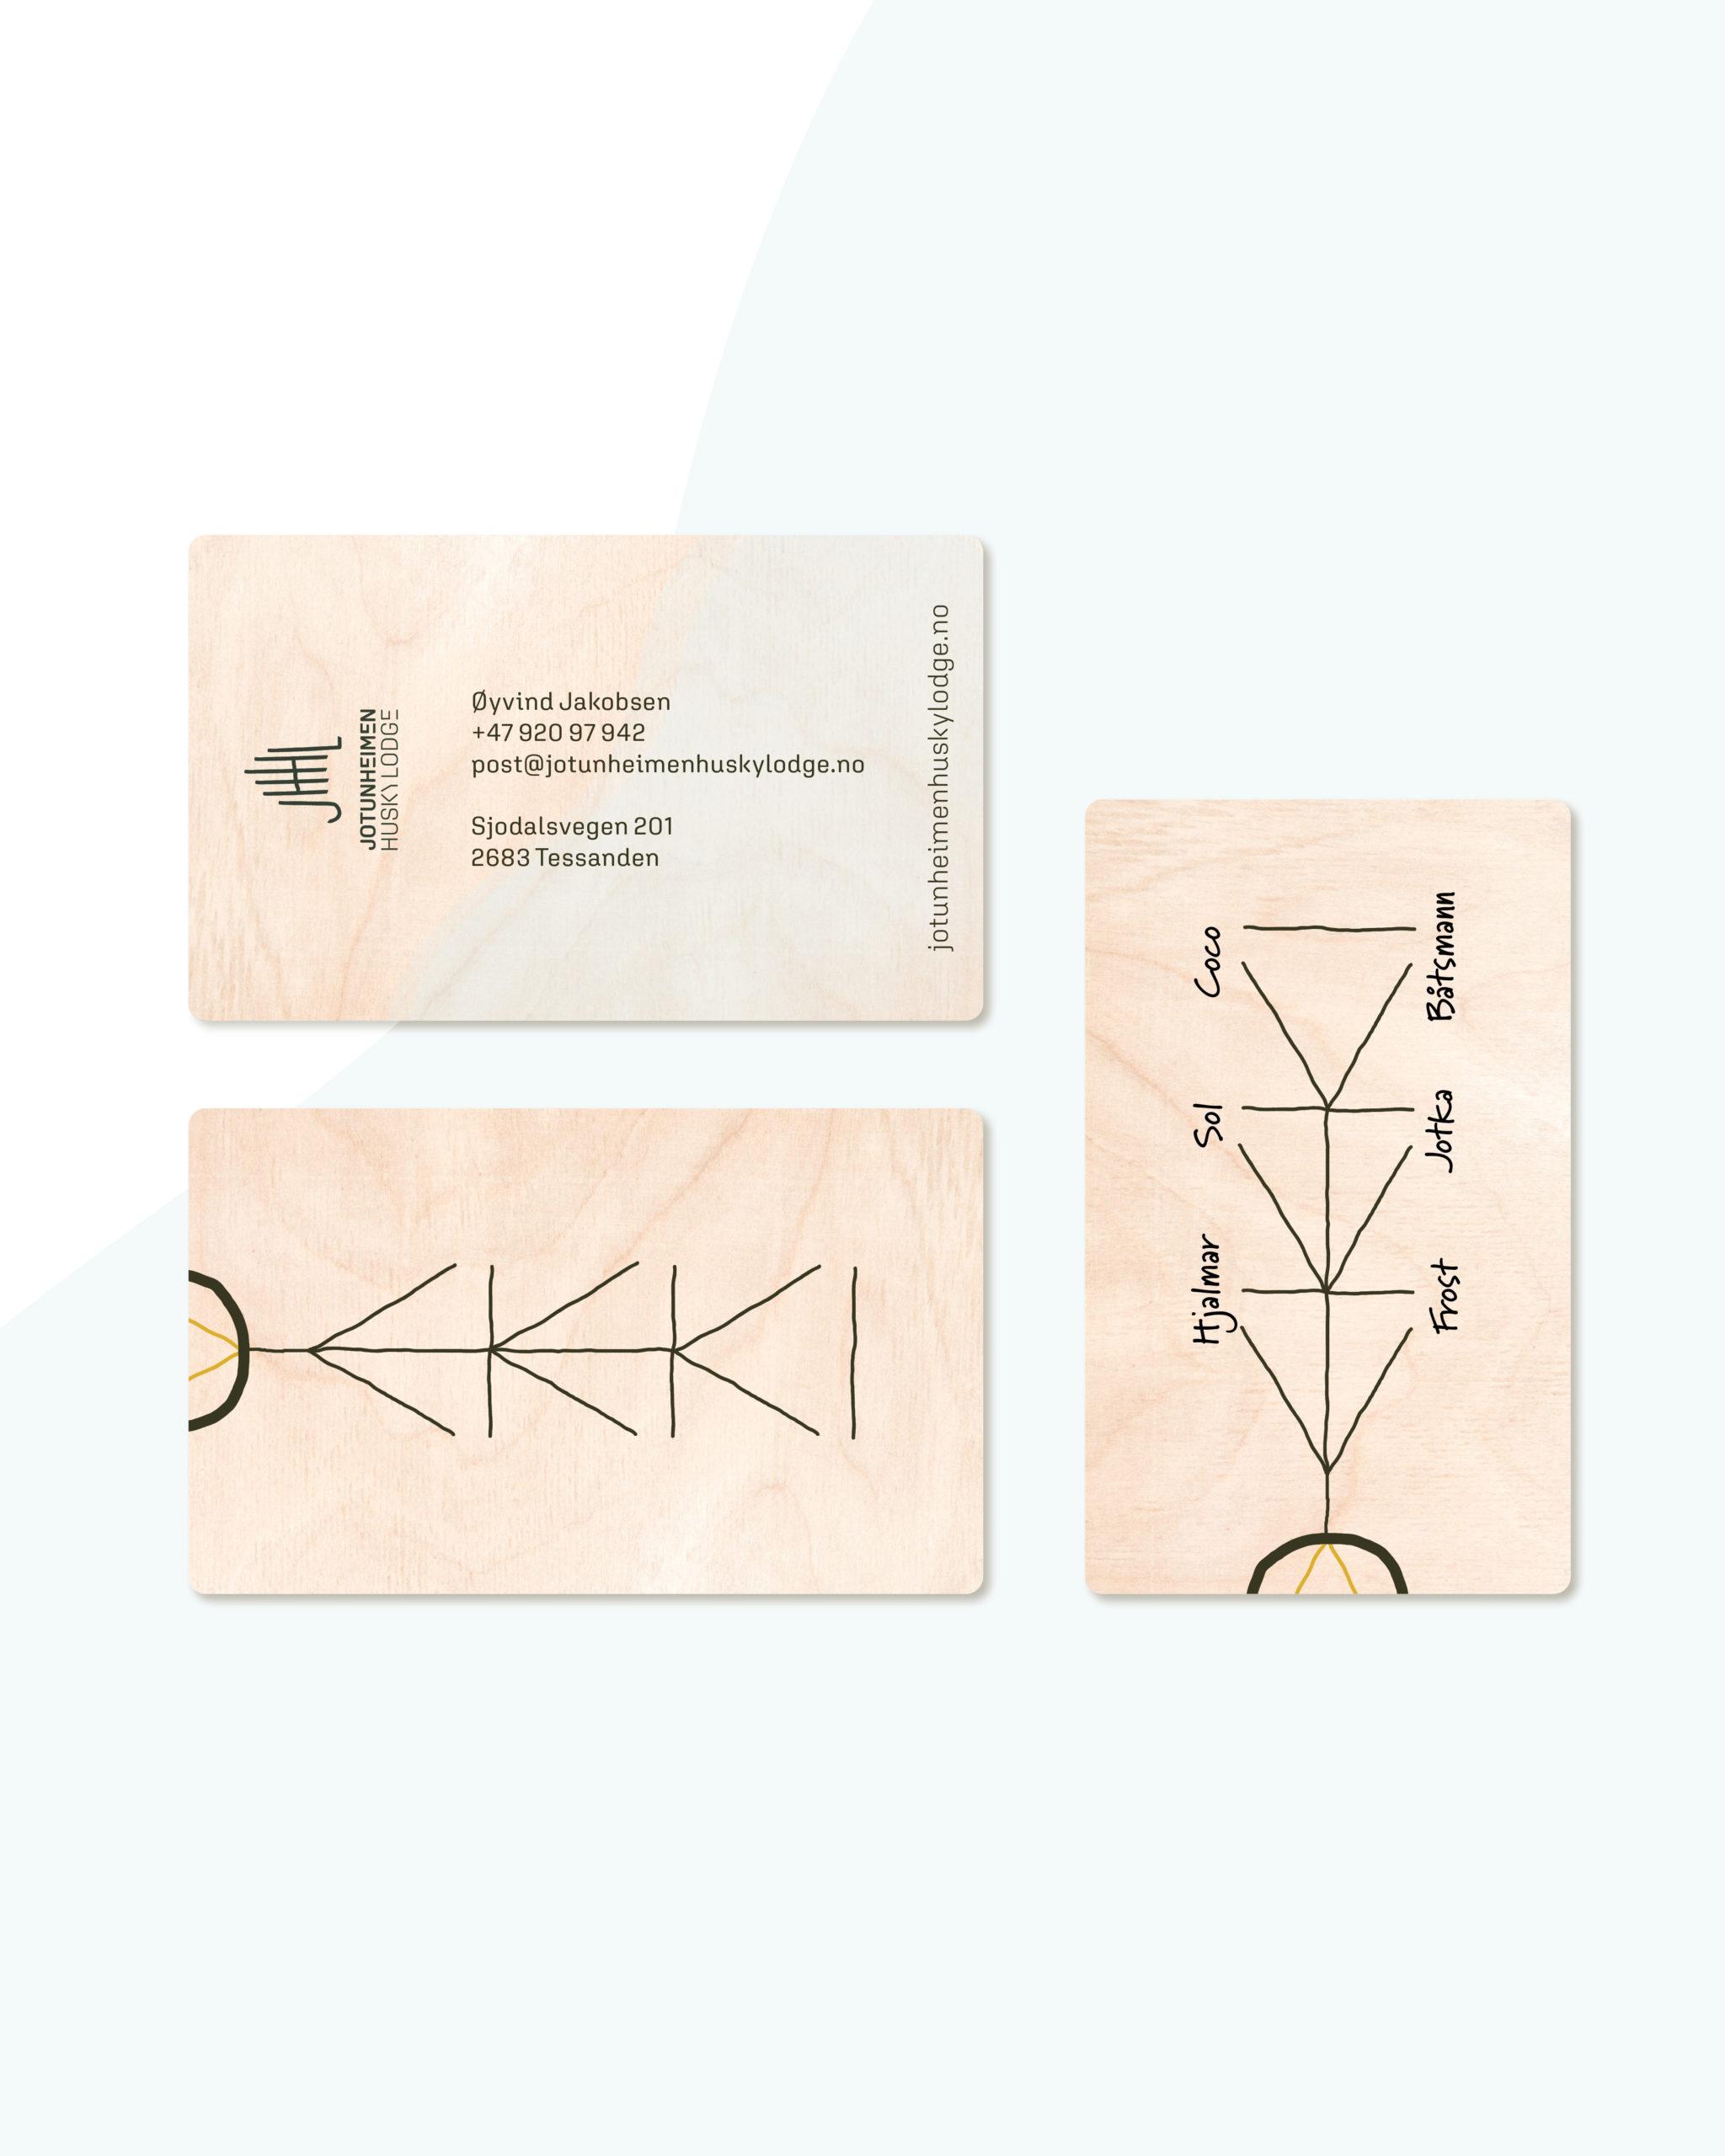 Visittkort for Jotunheimen Husky Lodge, laget av Haus Byrå